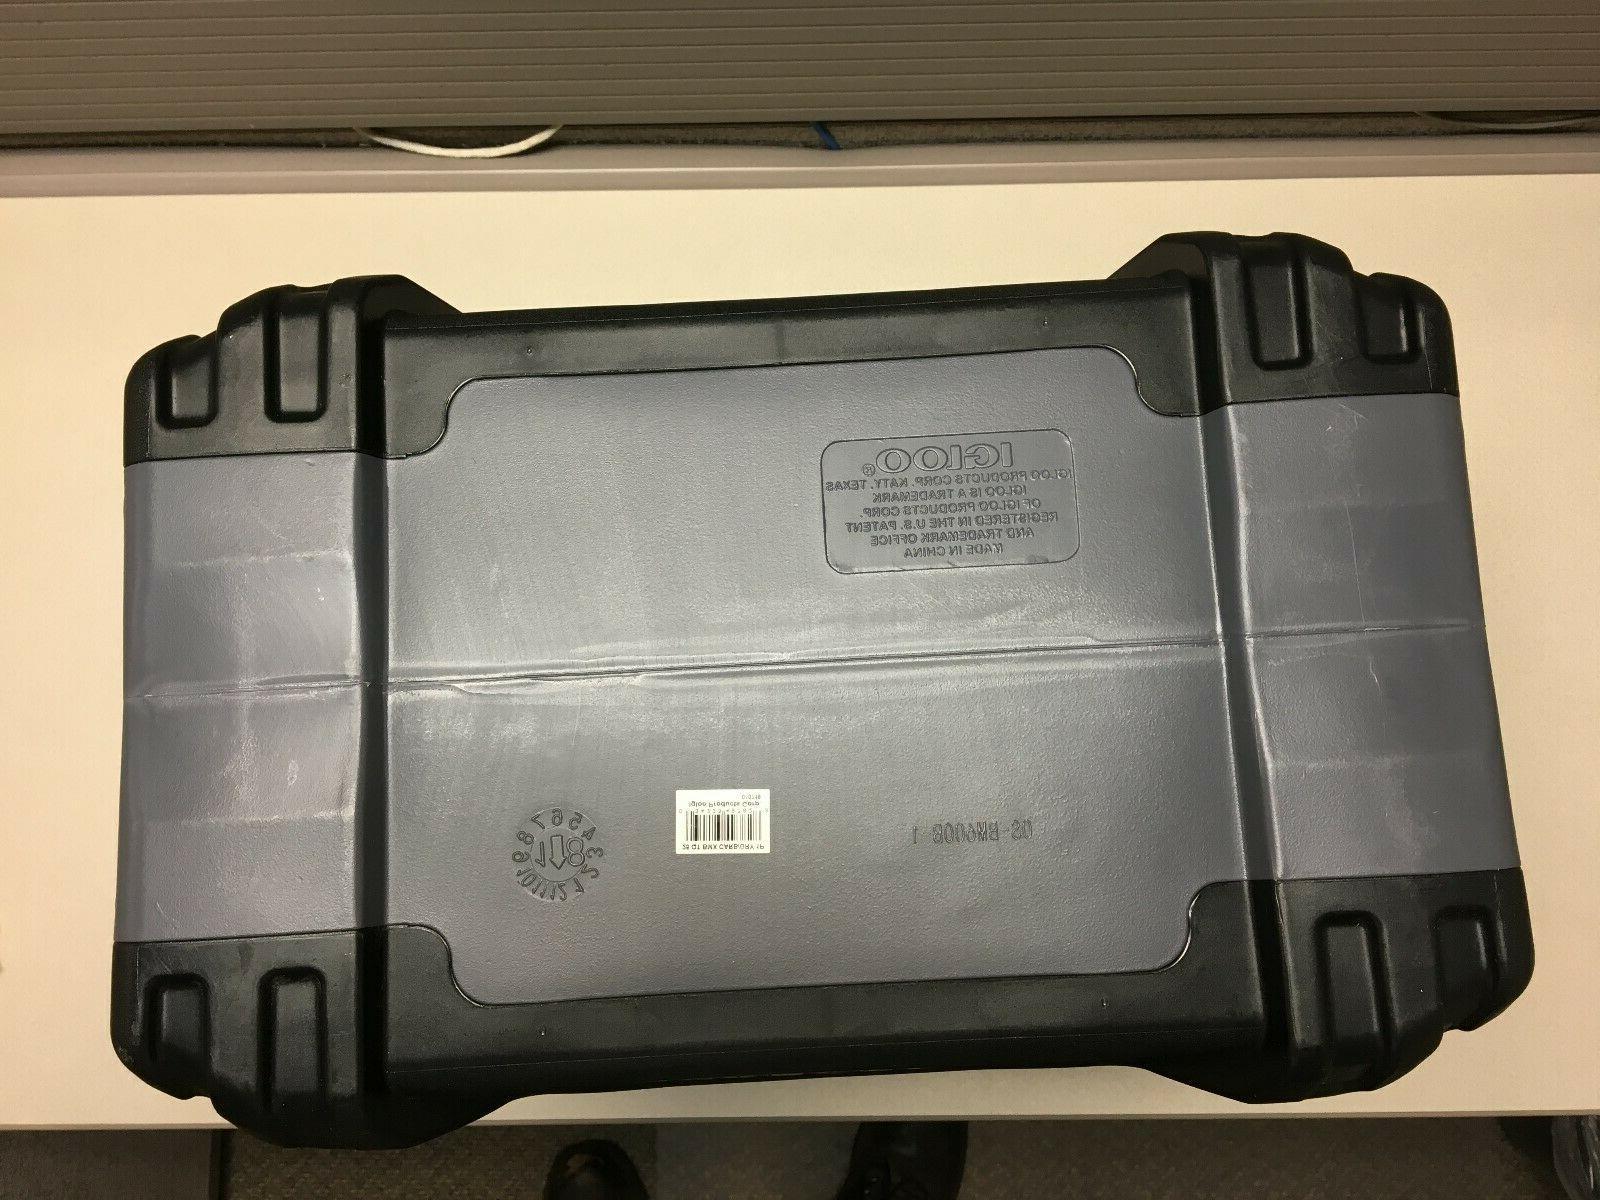 Igloo Duty BMX 25 Quart - - New